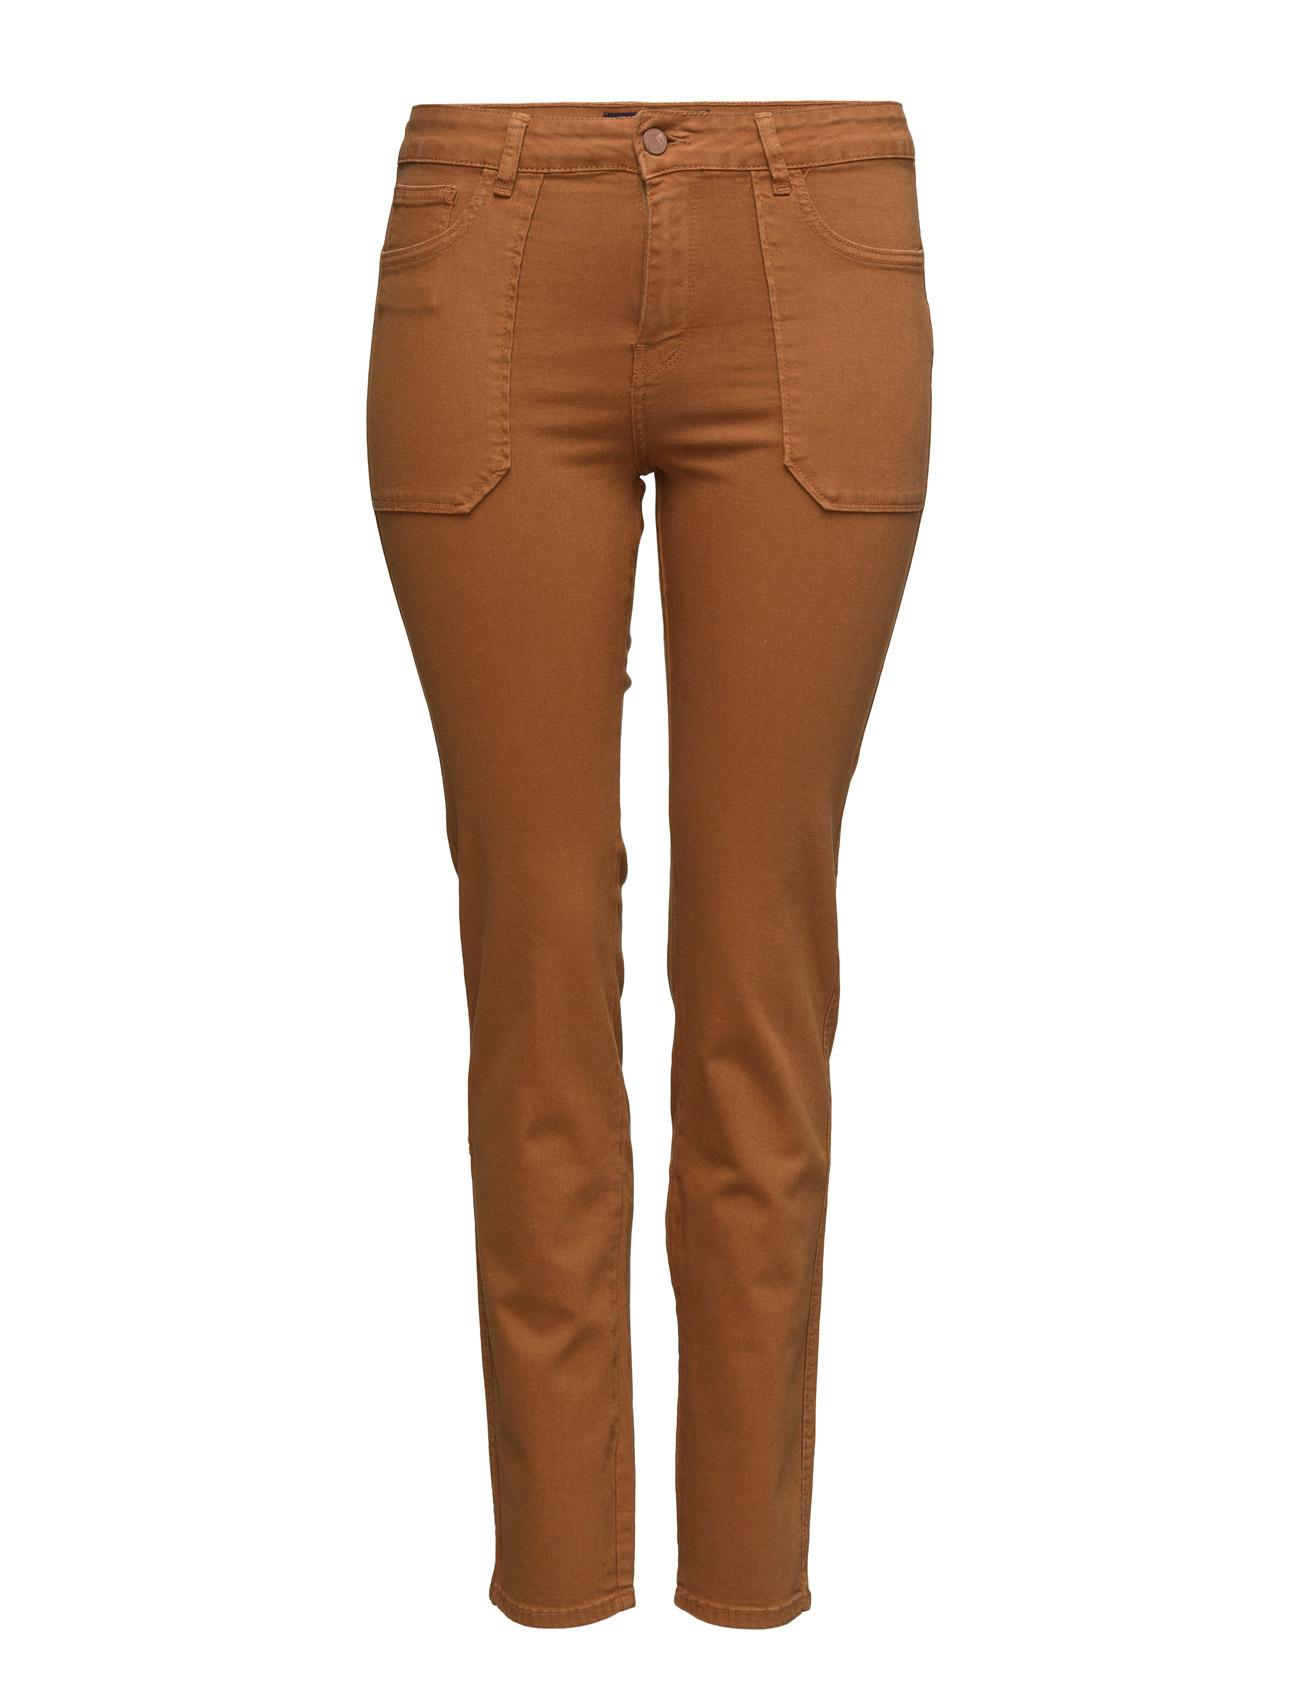 Slim-Fit Caramelo Jeans Violeta by Mango Skinny til Kvinder i Medium Brown